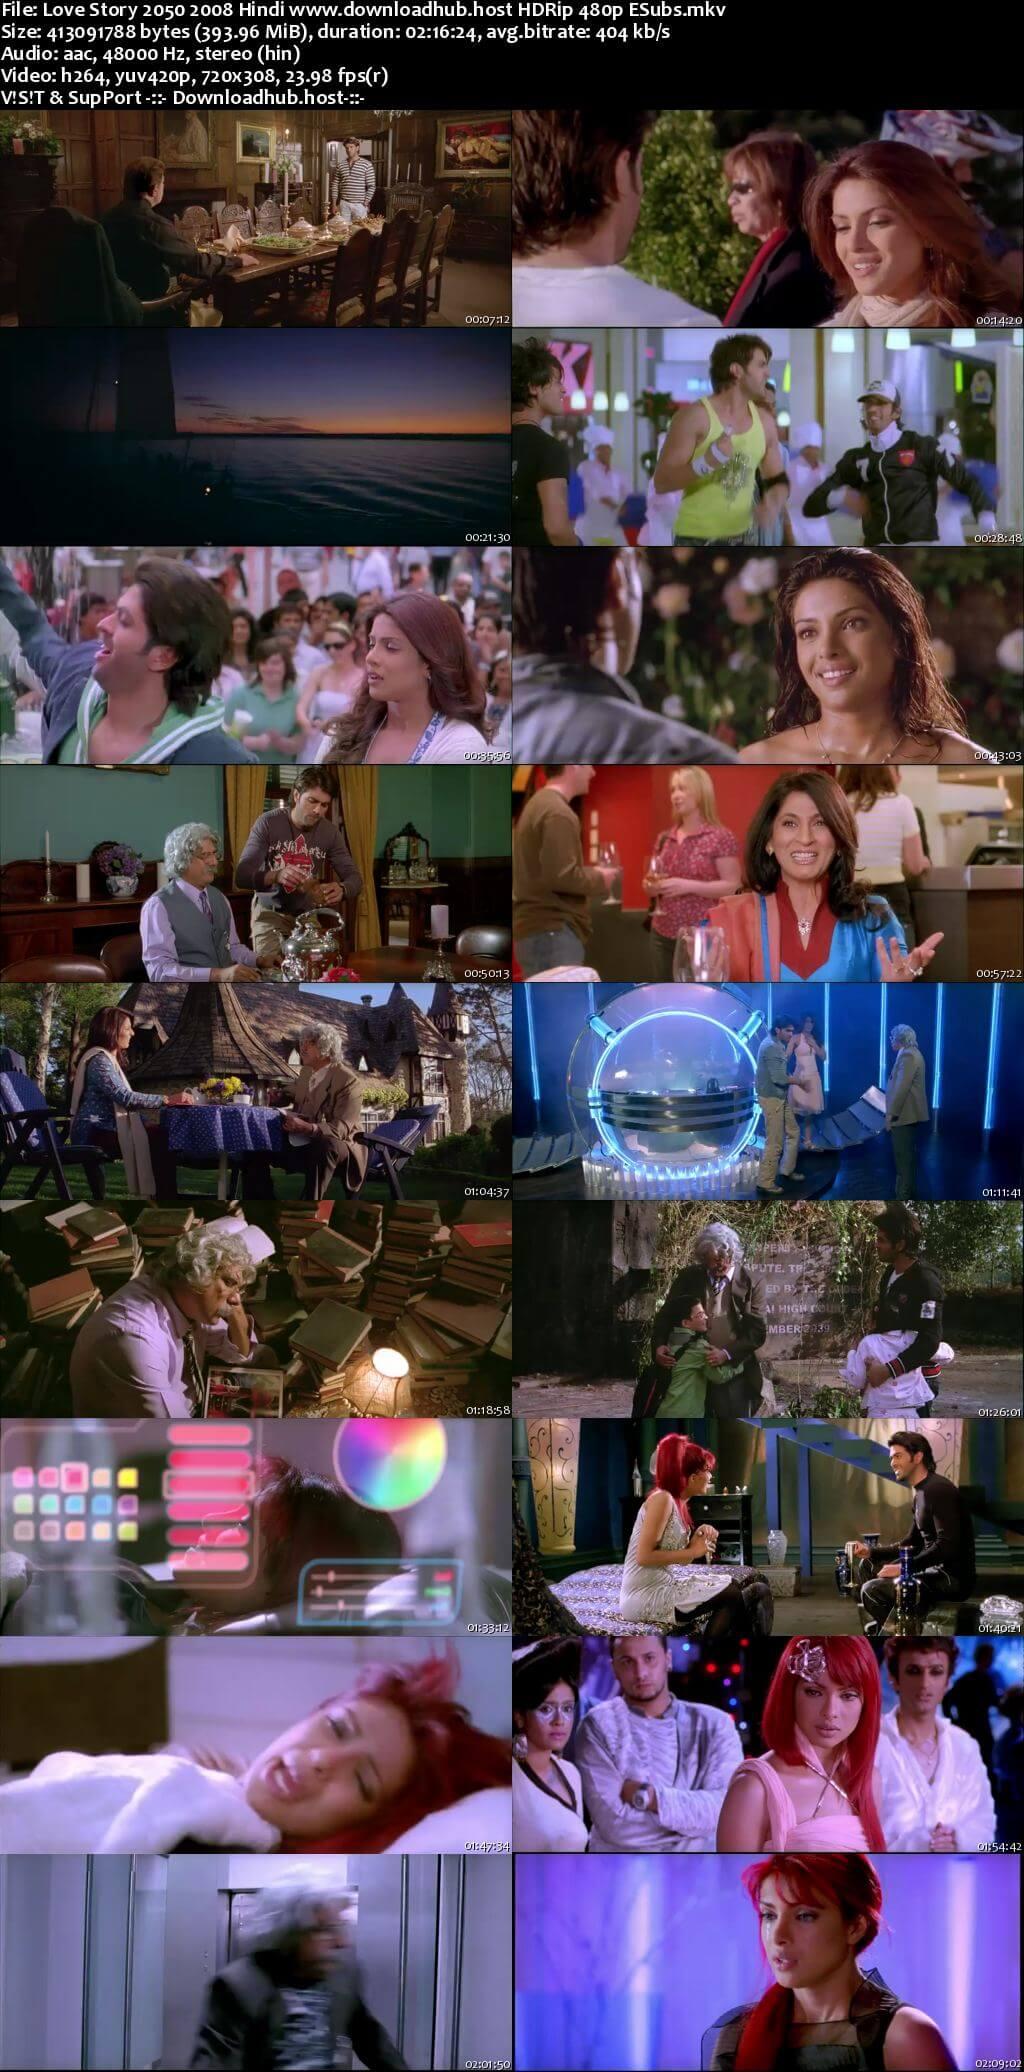 Love Story 2050 2008 Hindi 400MB HDRip 480p ESubs